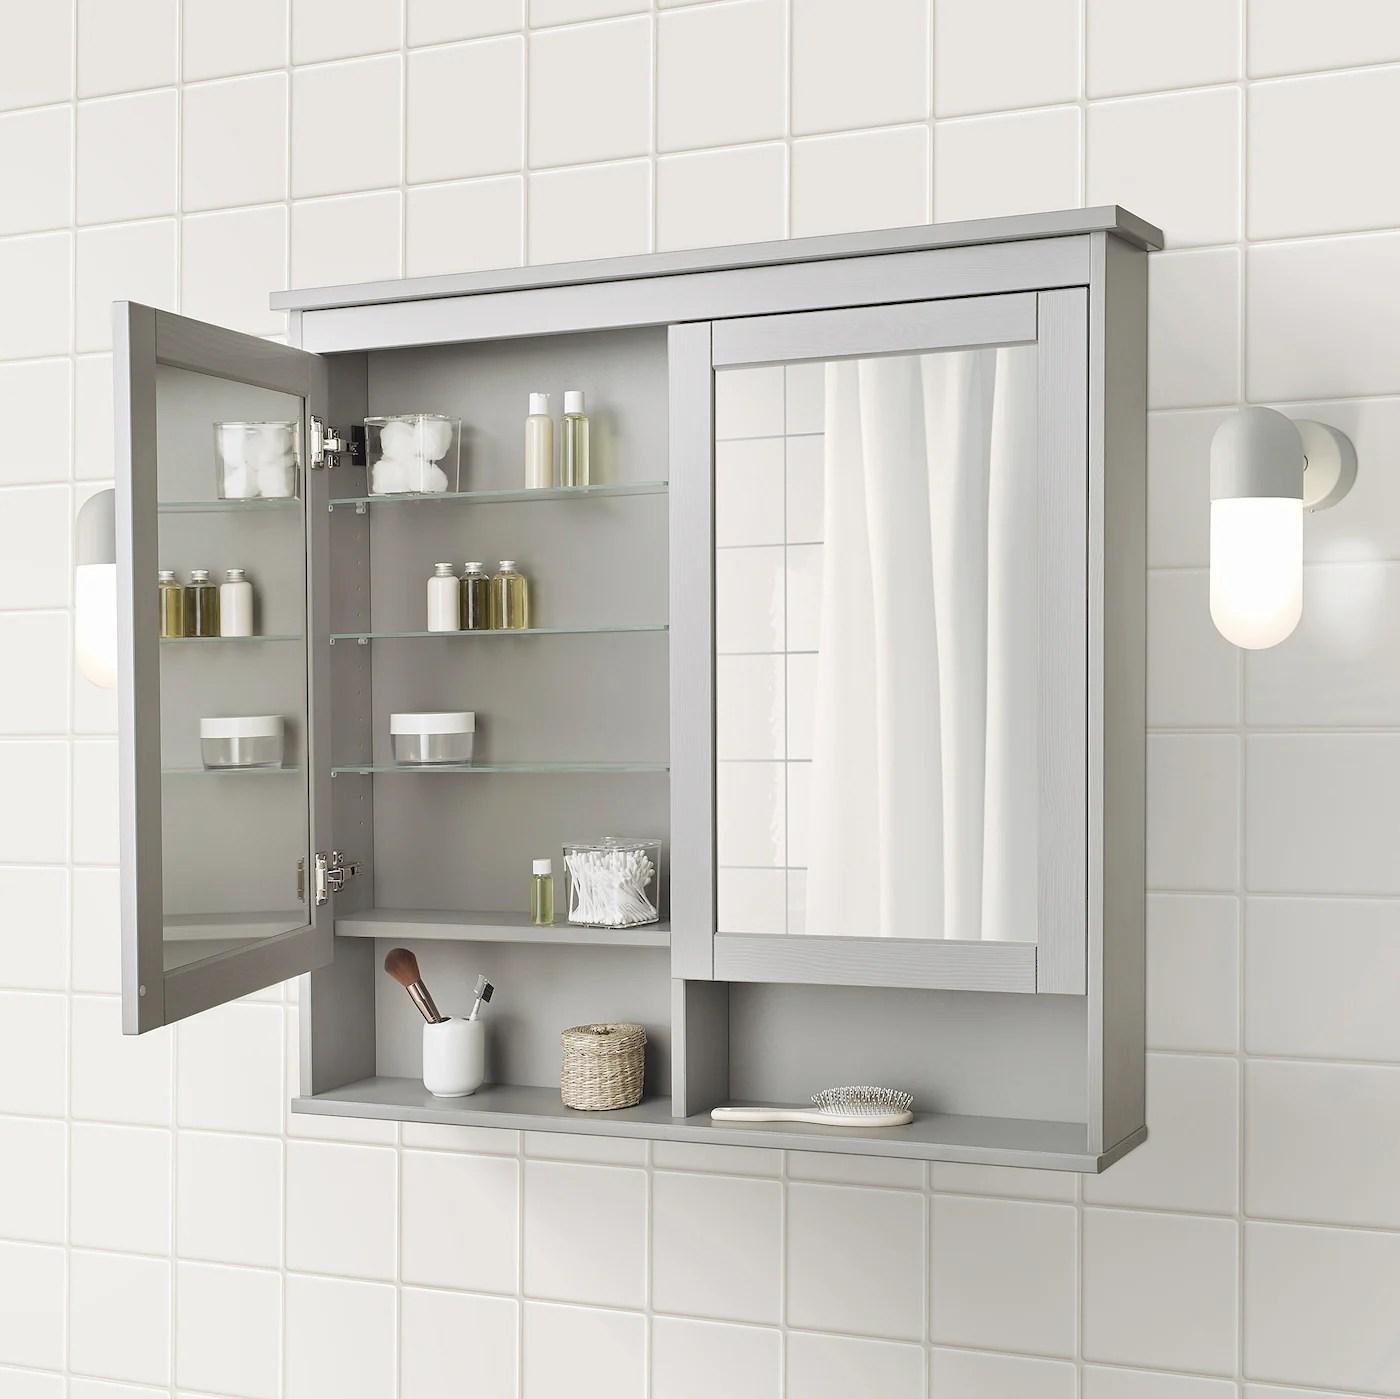 HEMNES Spiegelschrank 2 Türen   grau   IKEA Deutschland